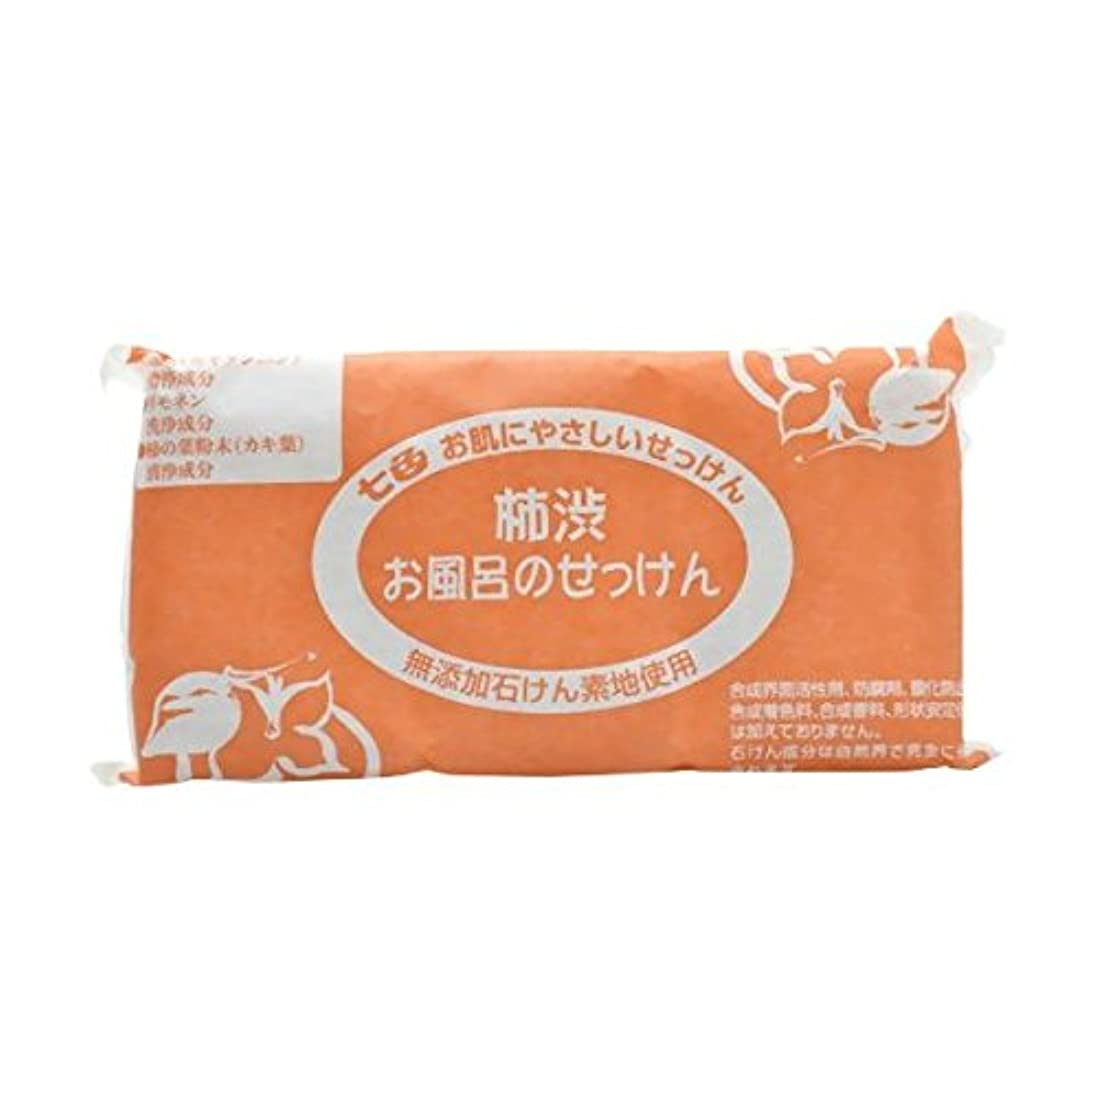 シャベル発掘デザート(まとめ買い)七色 お風呂のせっけん 柿渋(無添加石鹸) 100g×3個入×9セット